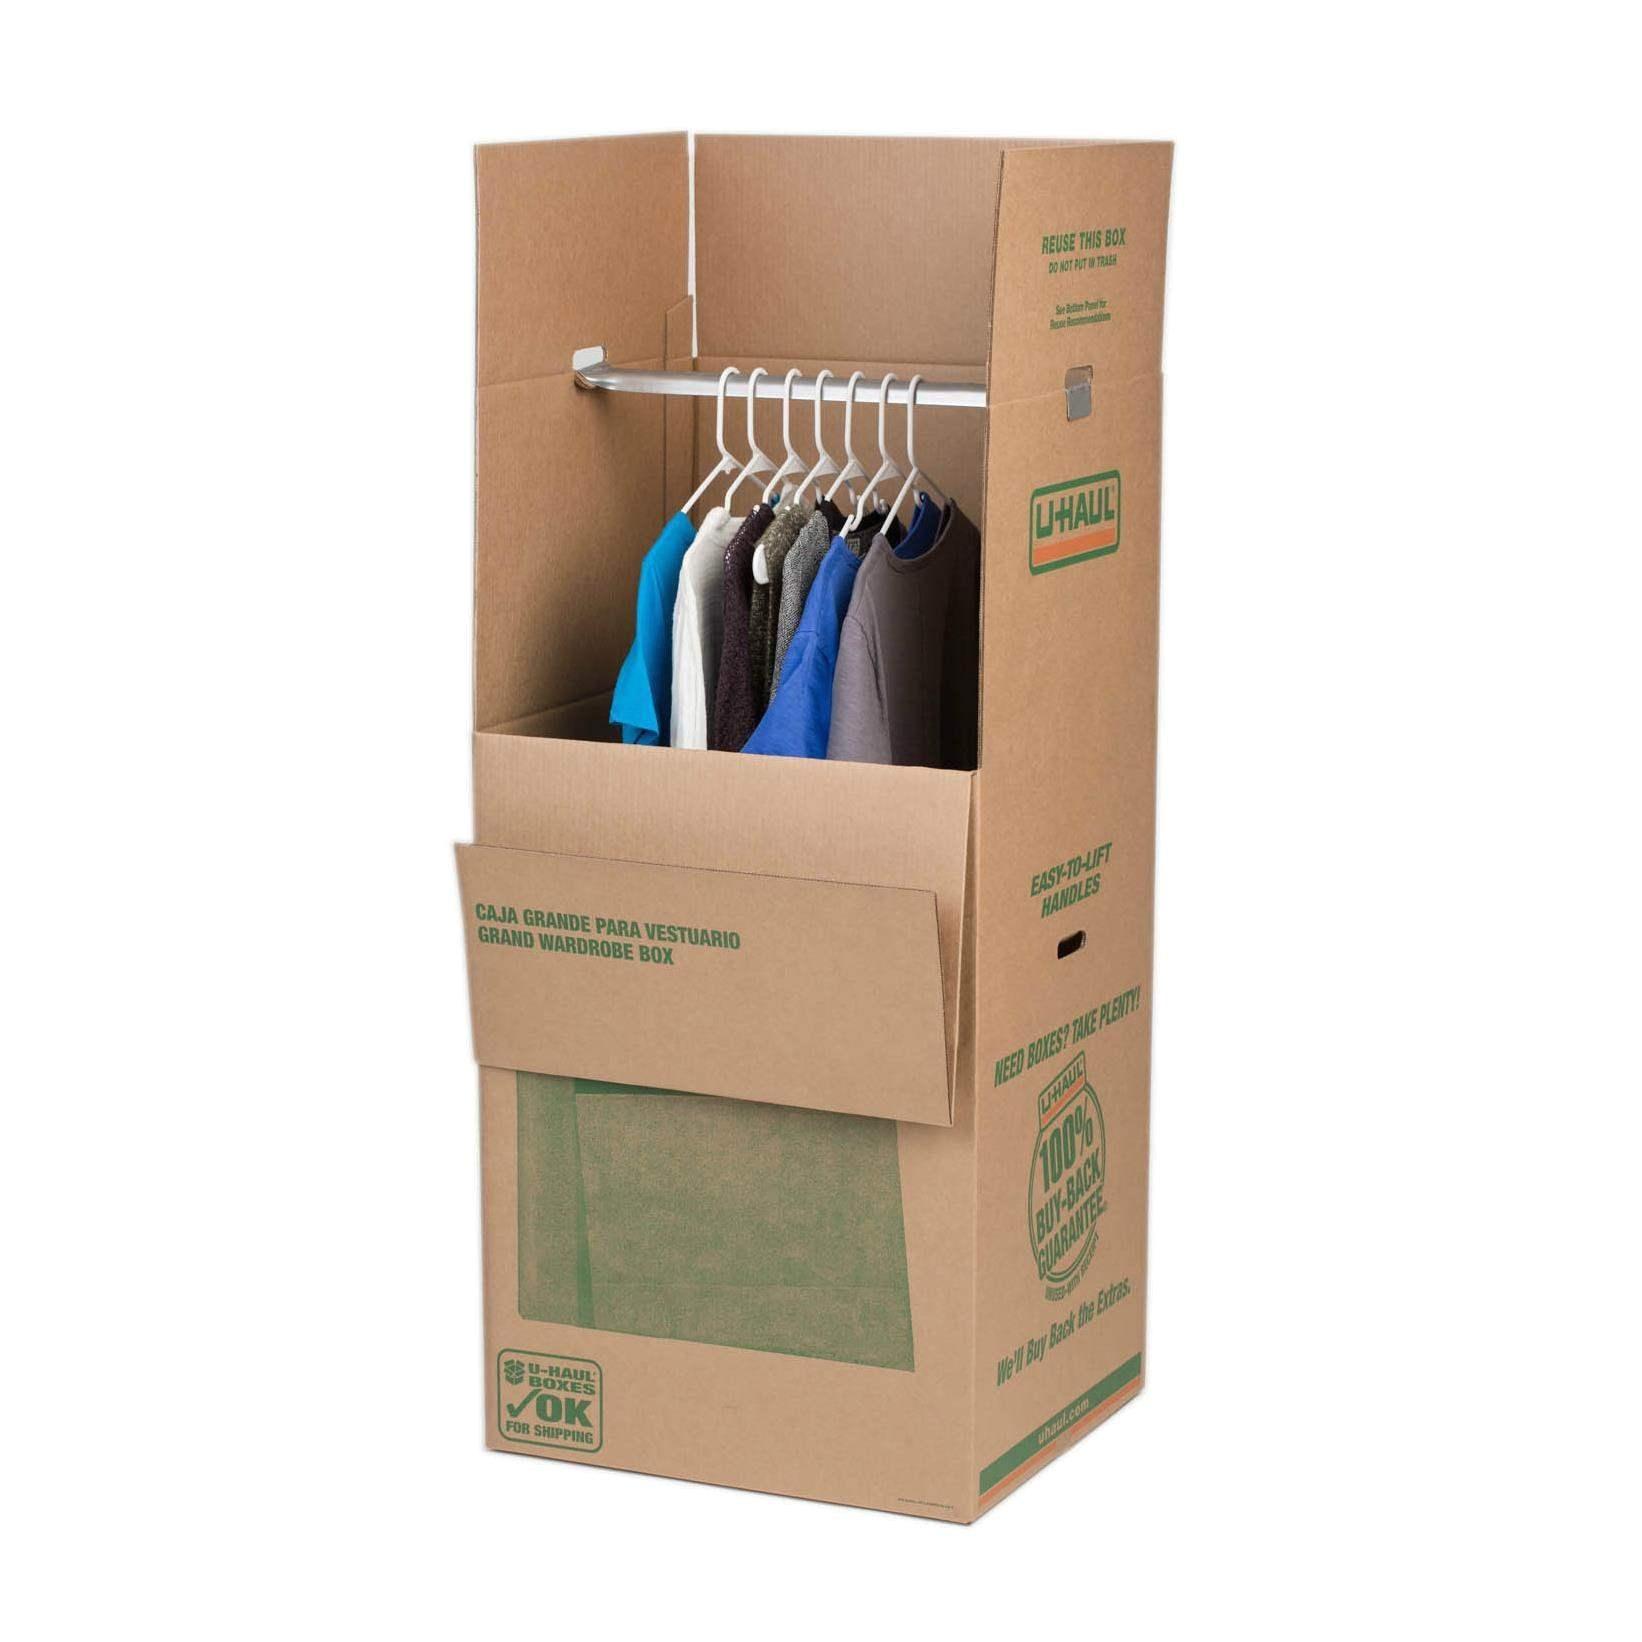 23 ups wardrobe boxes astonishing haul wardrobe boxes for movingy uhaul movingi 9d shorty moving of ups wardrobe boxes